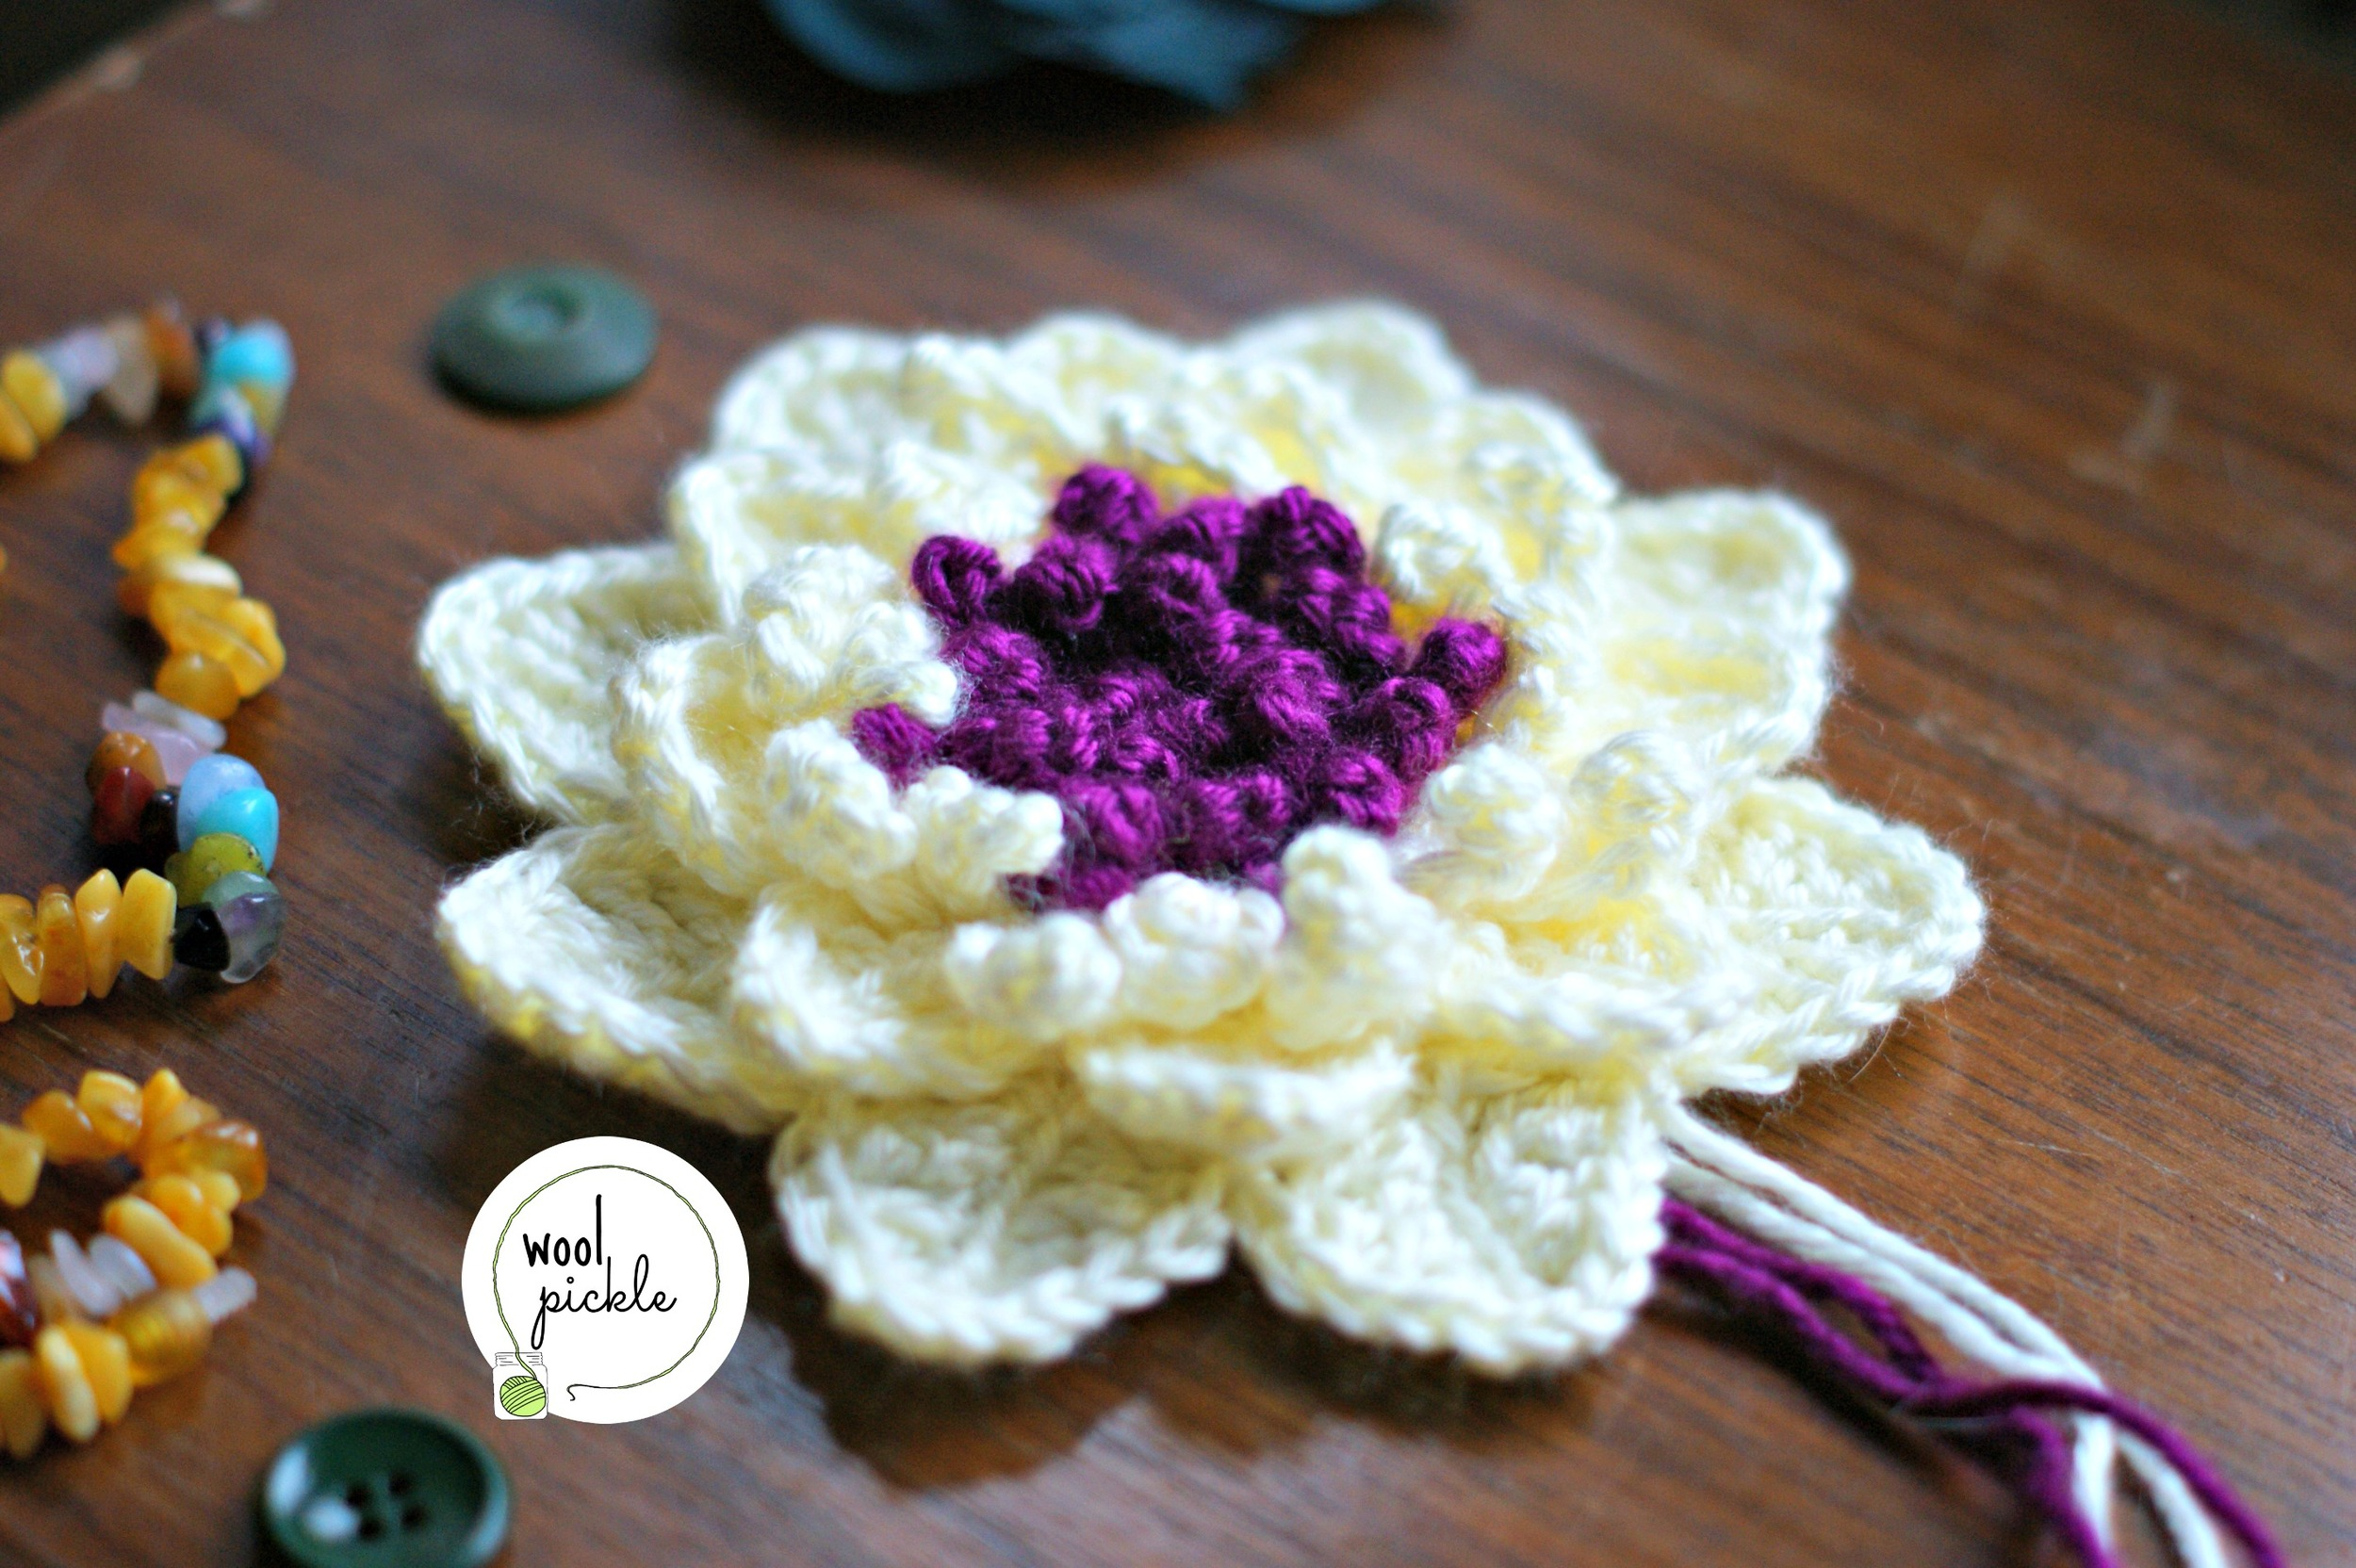 Lotus Flower And Blanket Planning Wool Pickle